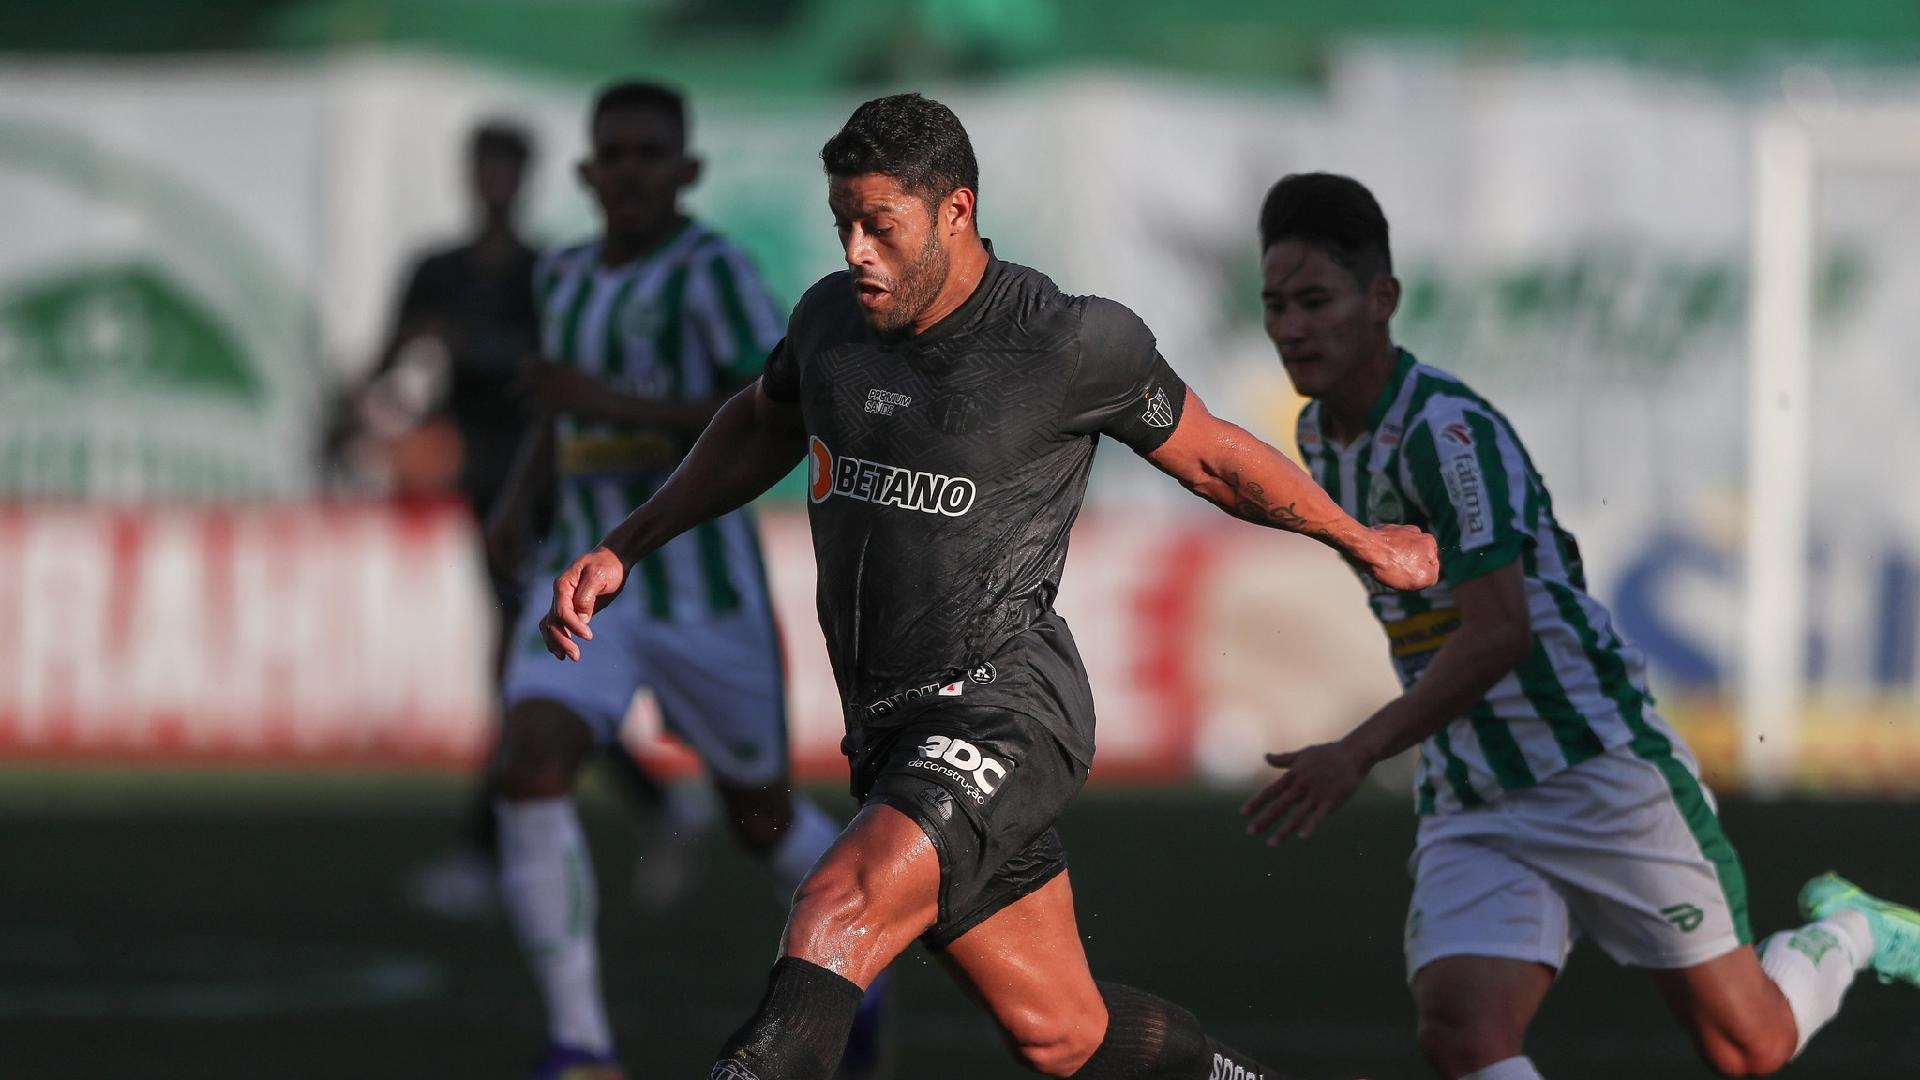 Atacante Hulk em disputa de bola com jogador do Juventude, pela Série A do Brasileirão